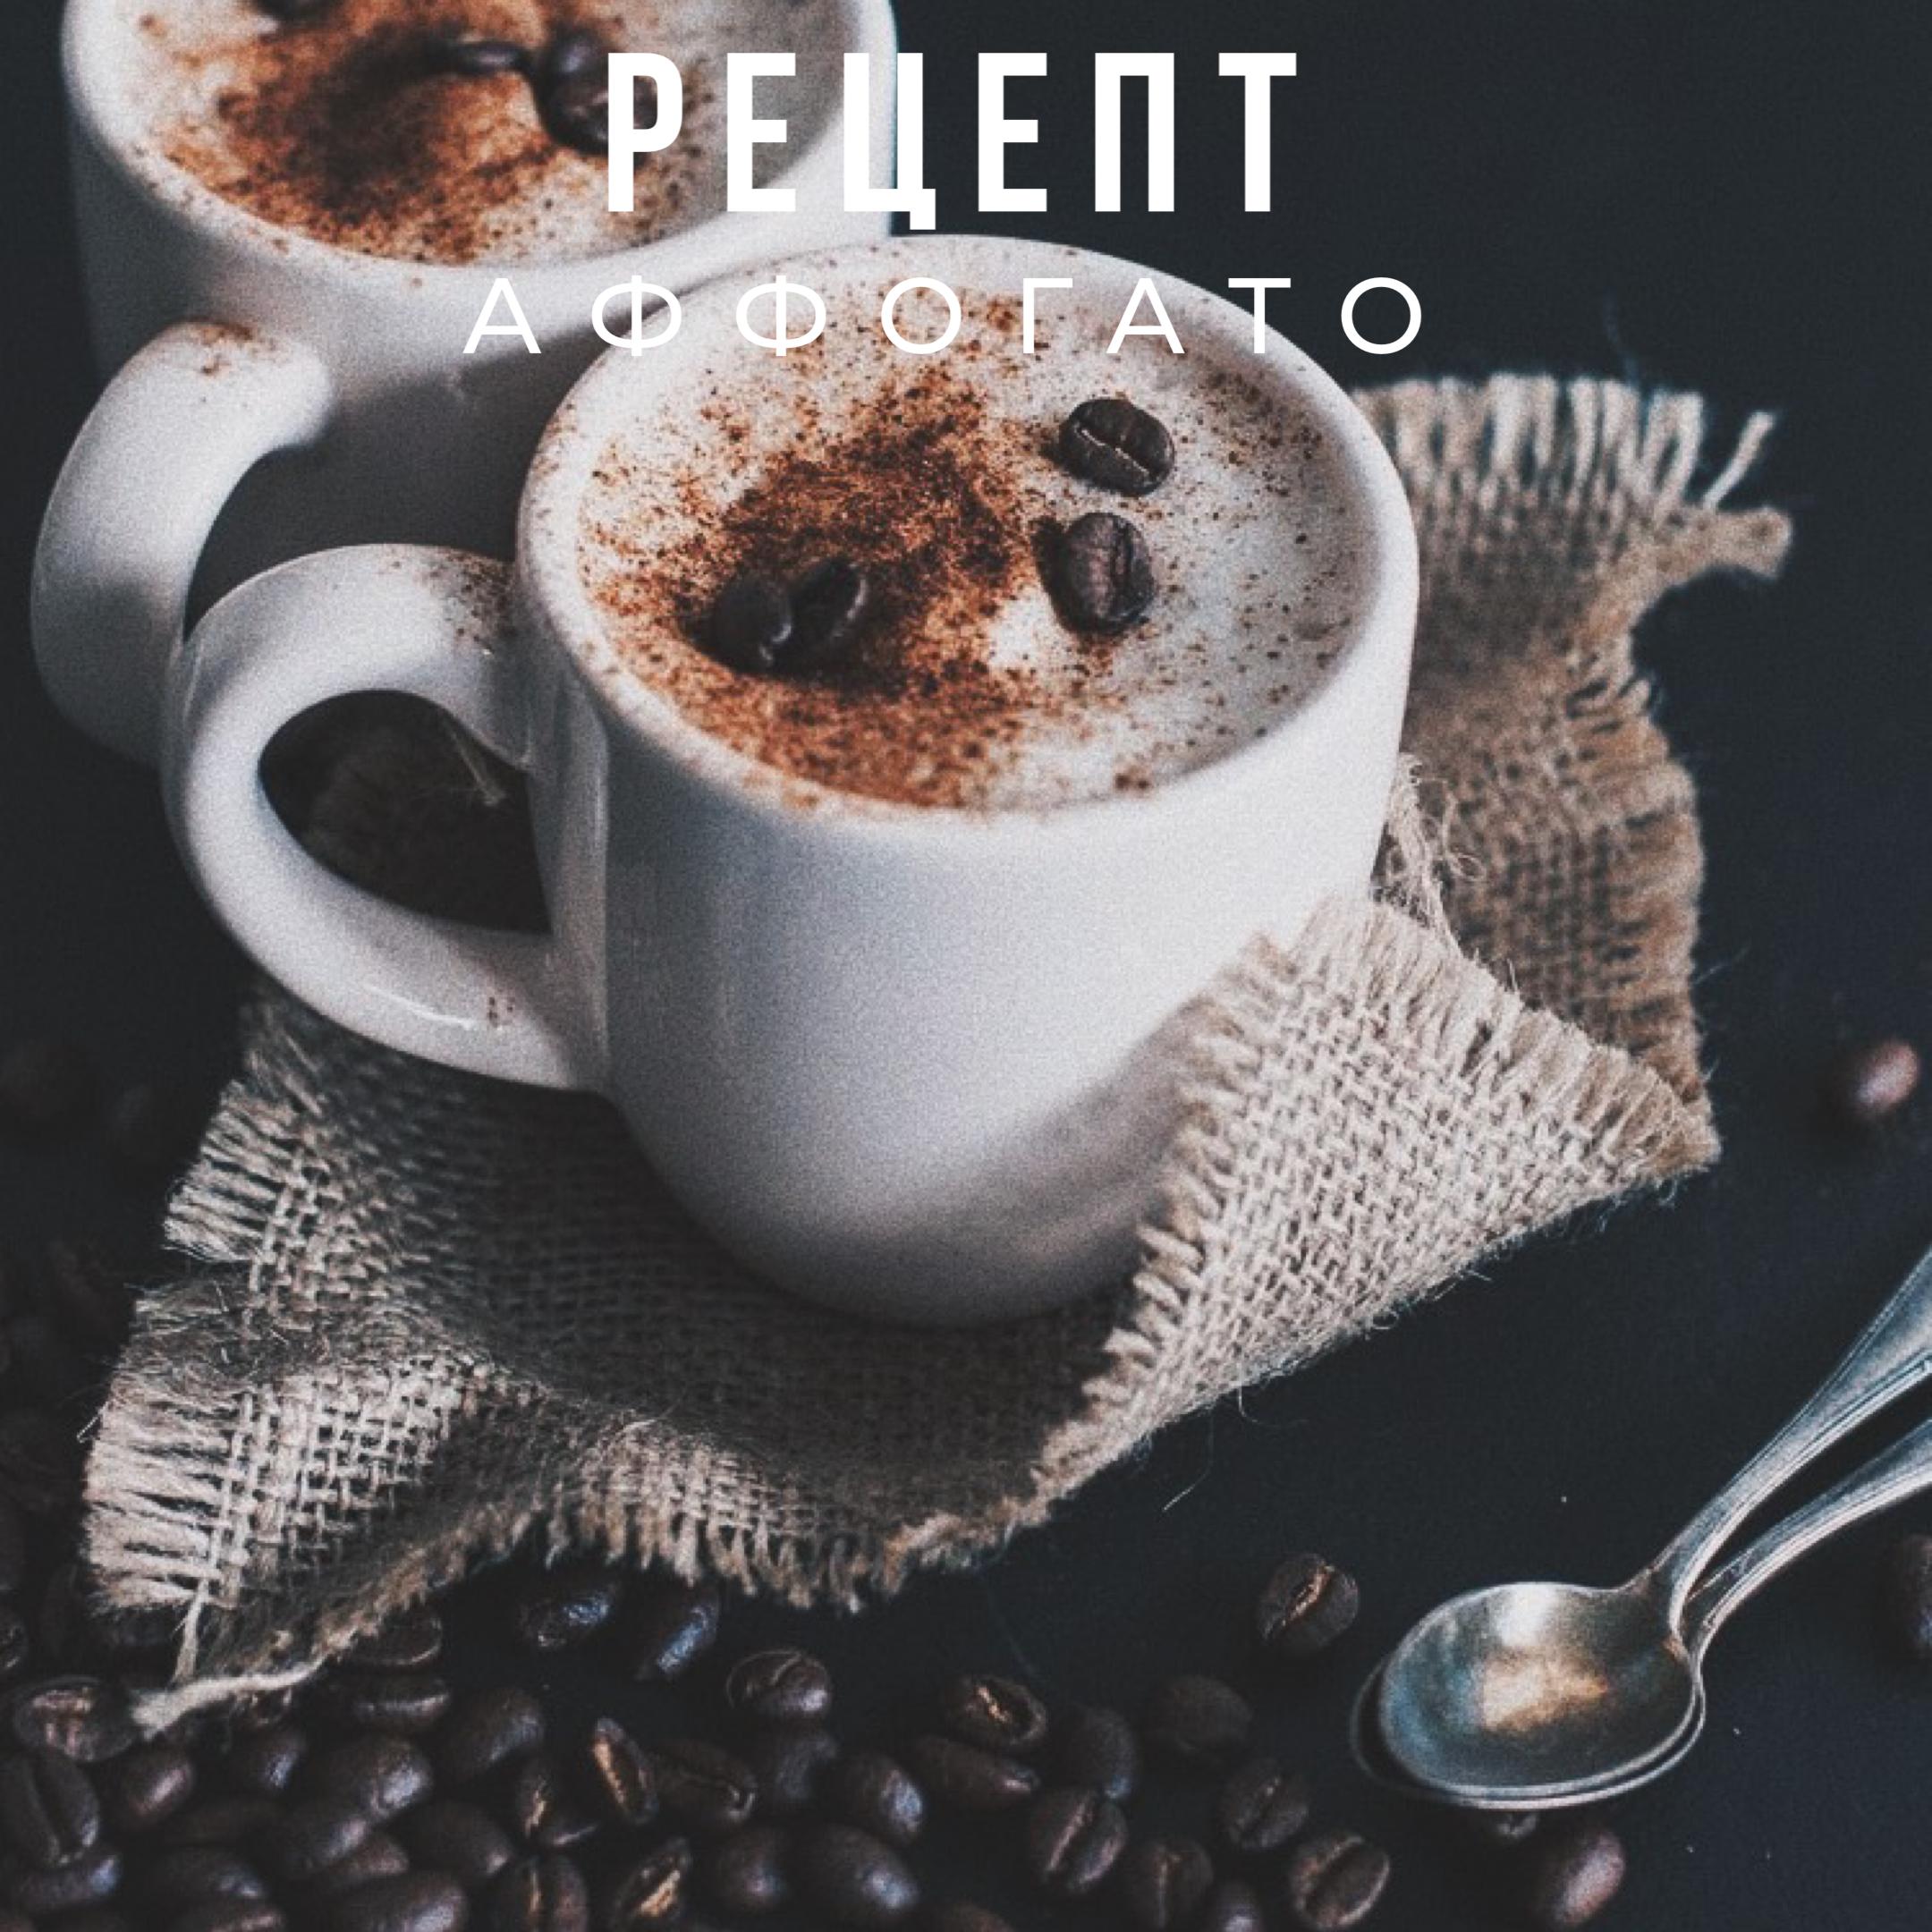 рецепт кофе Аффогато